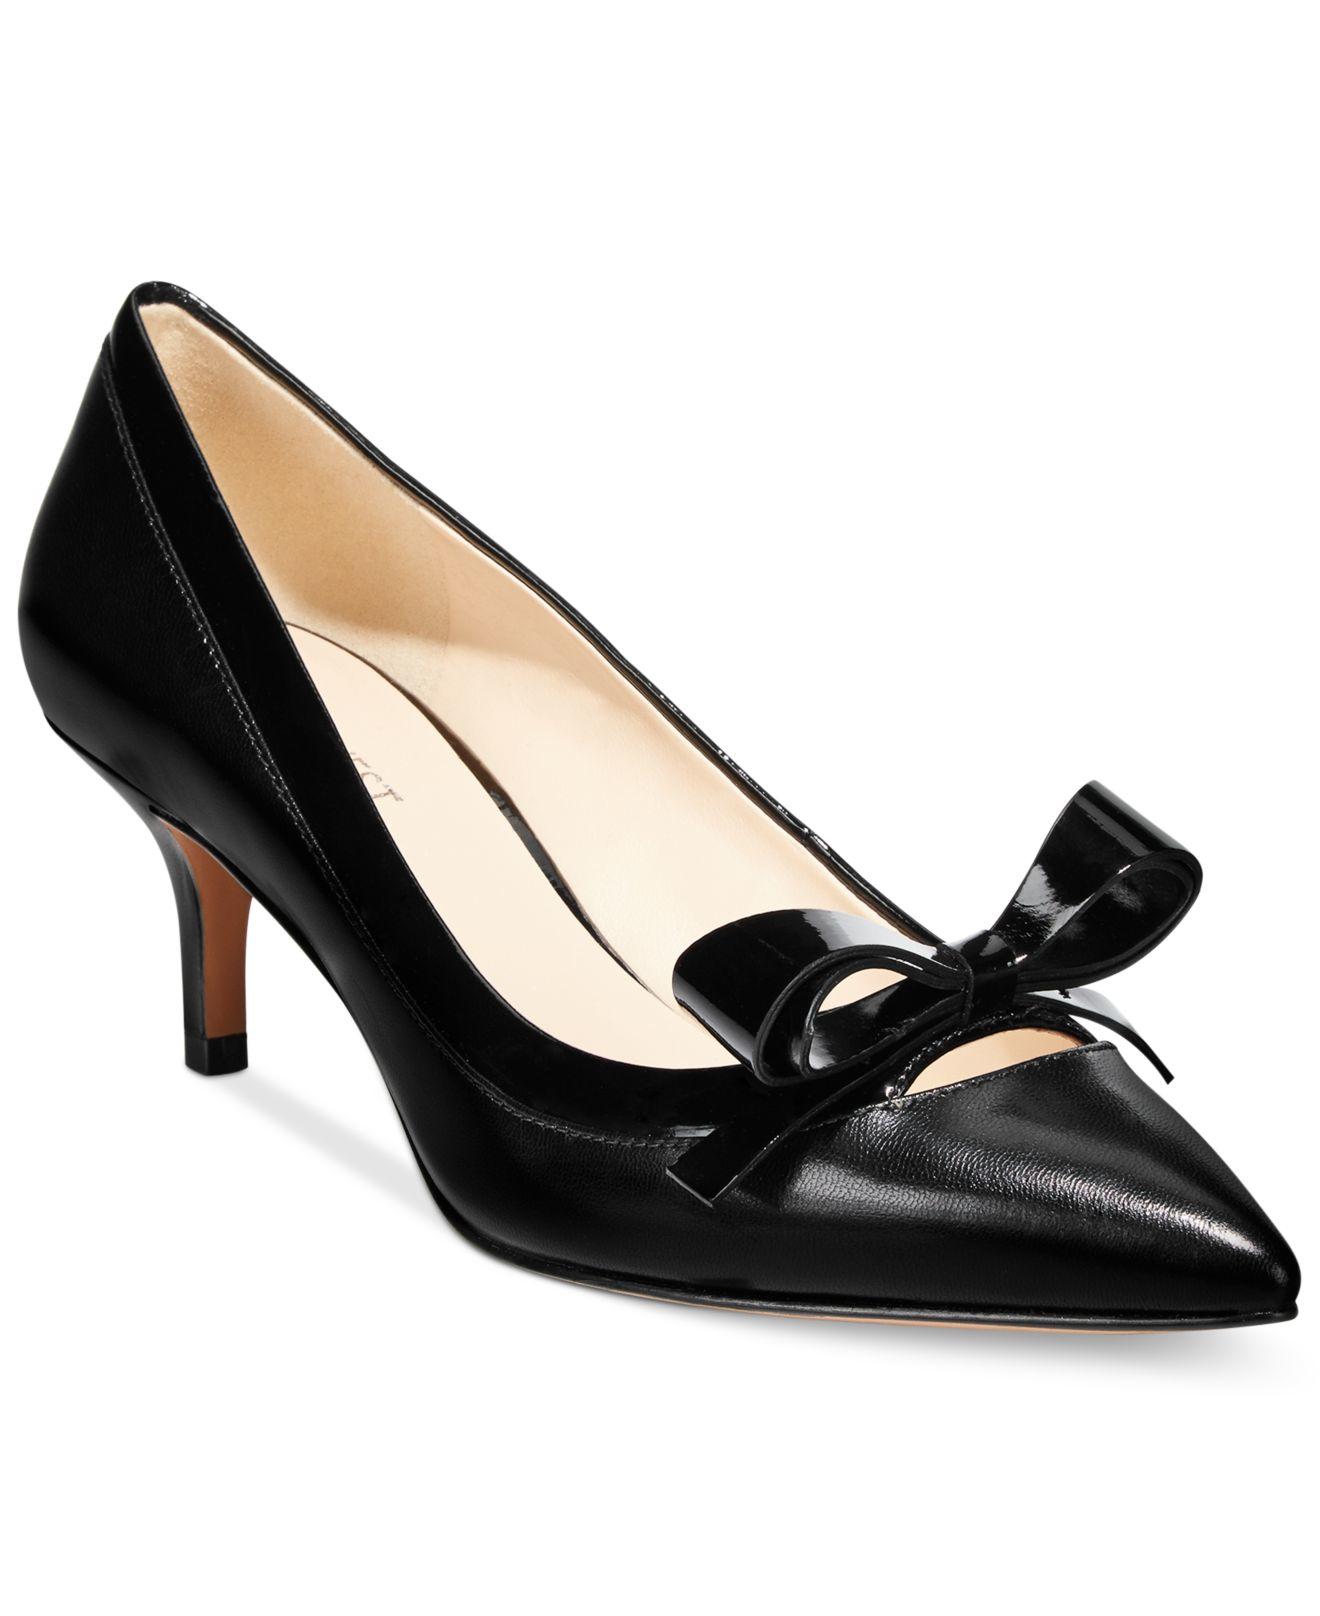 d339dcc09e3 Lyst - Nine West Xenos Bow Kitten Heel Pumps in Black